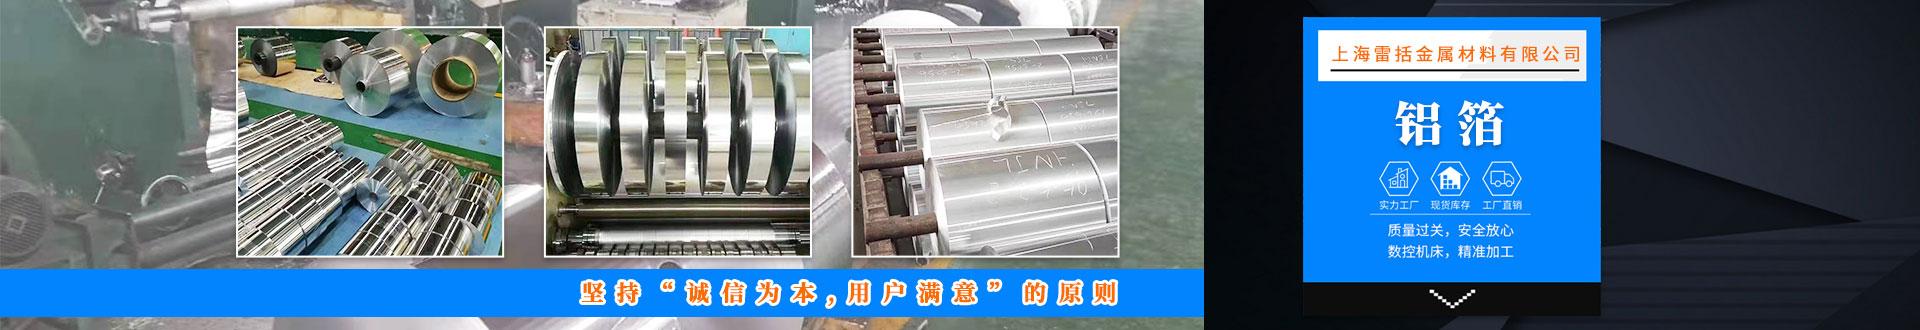 上海雷括金属材料有限公司